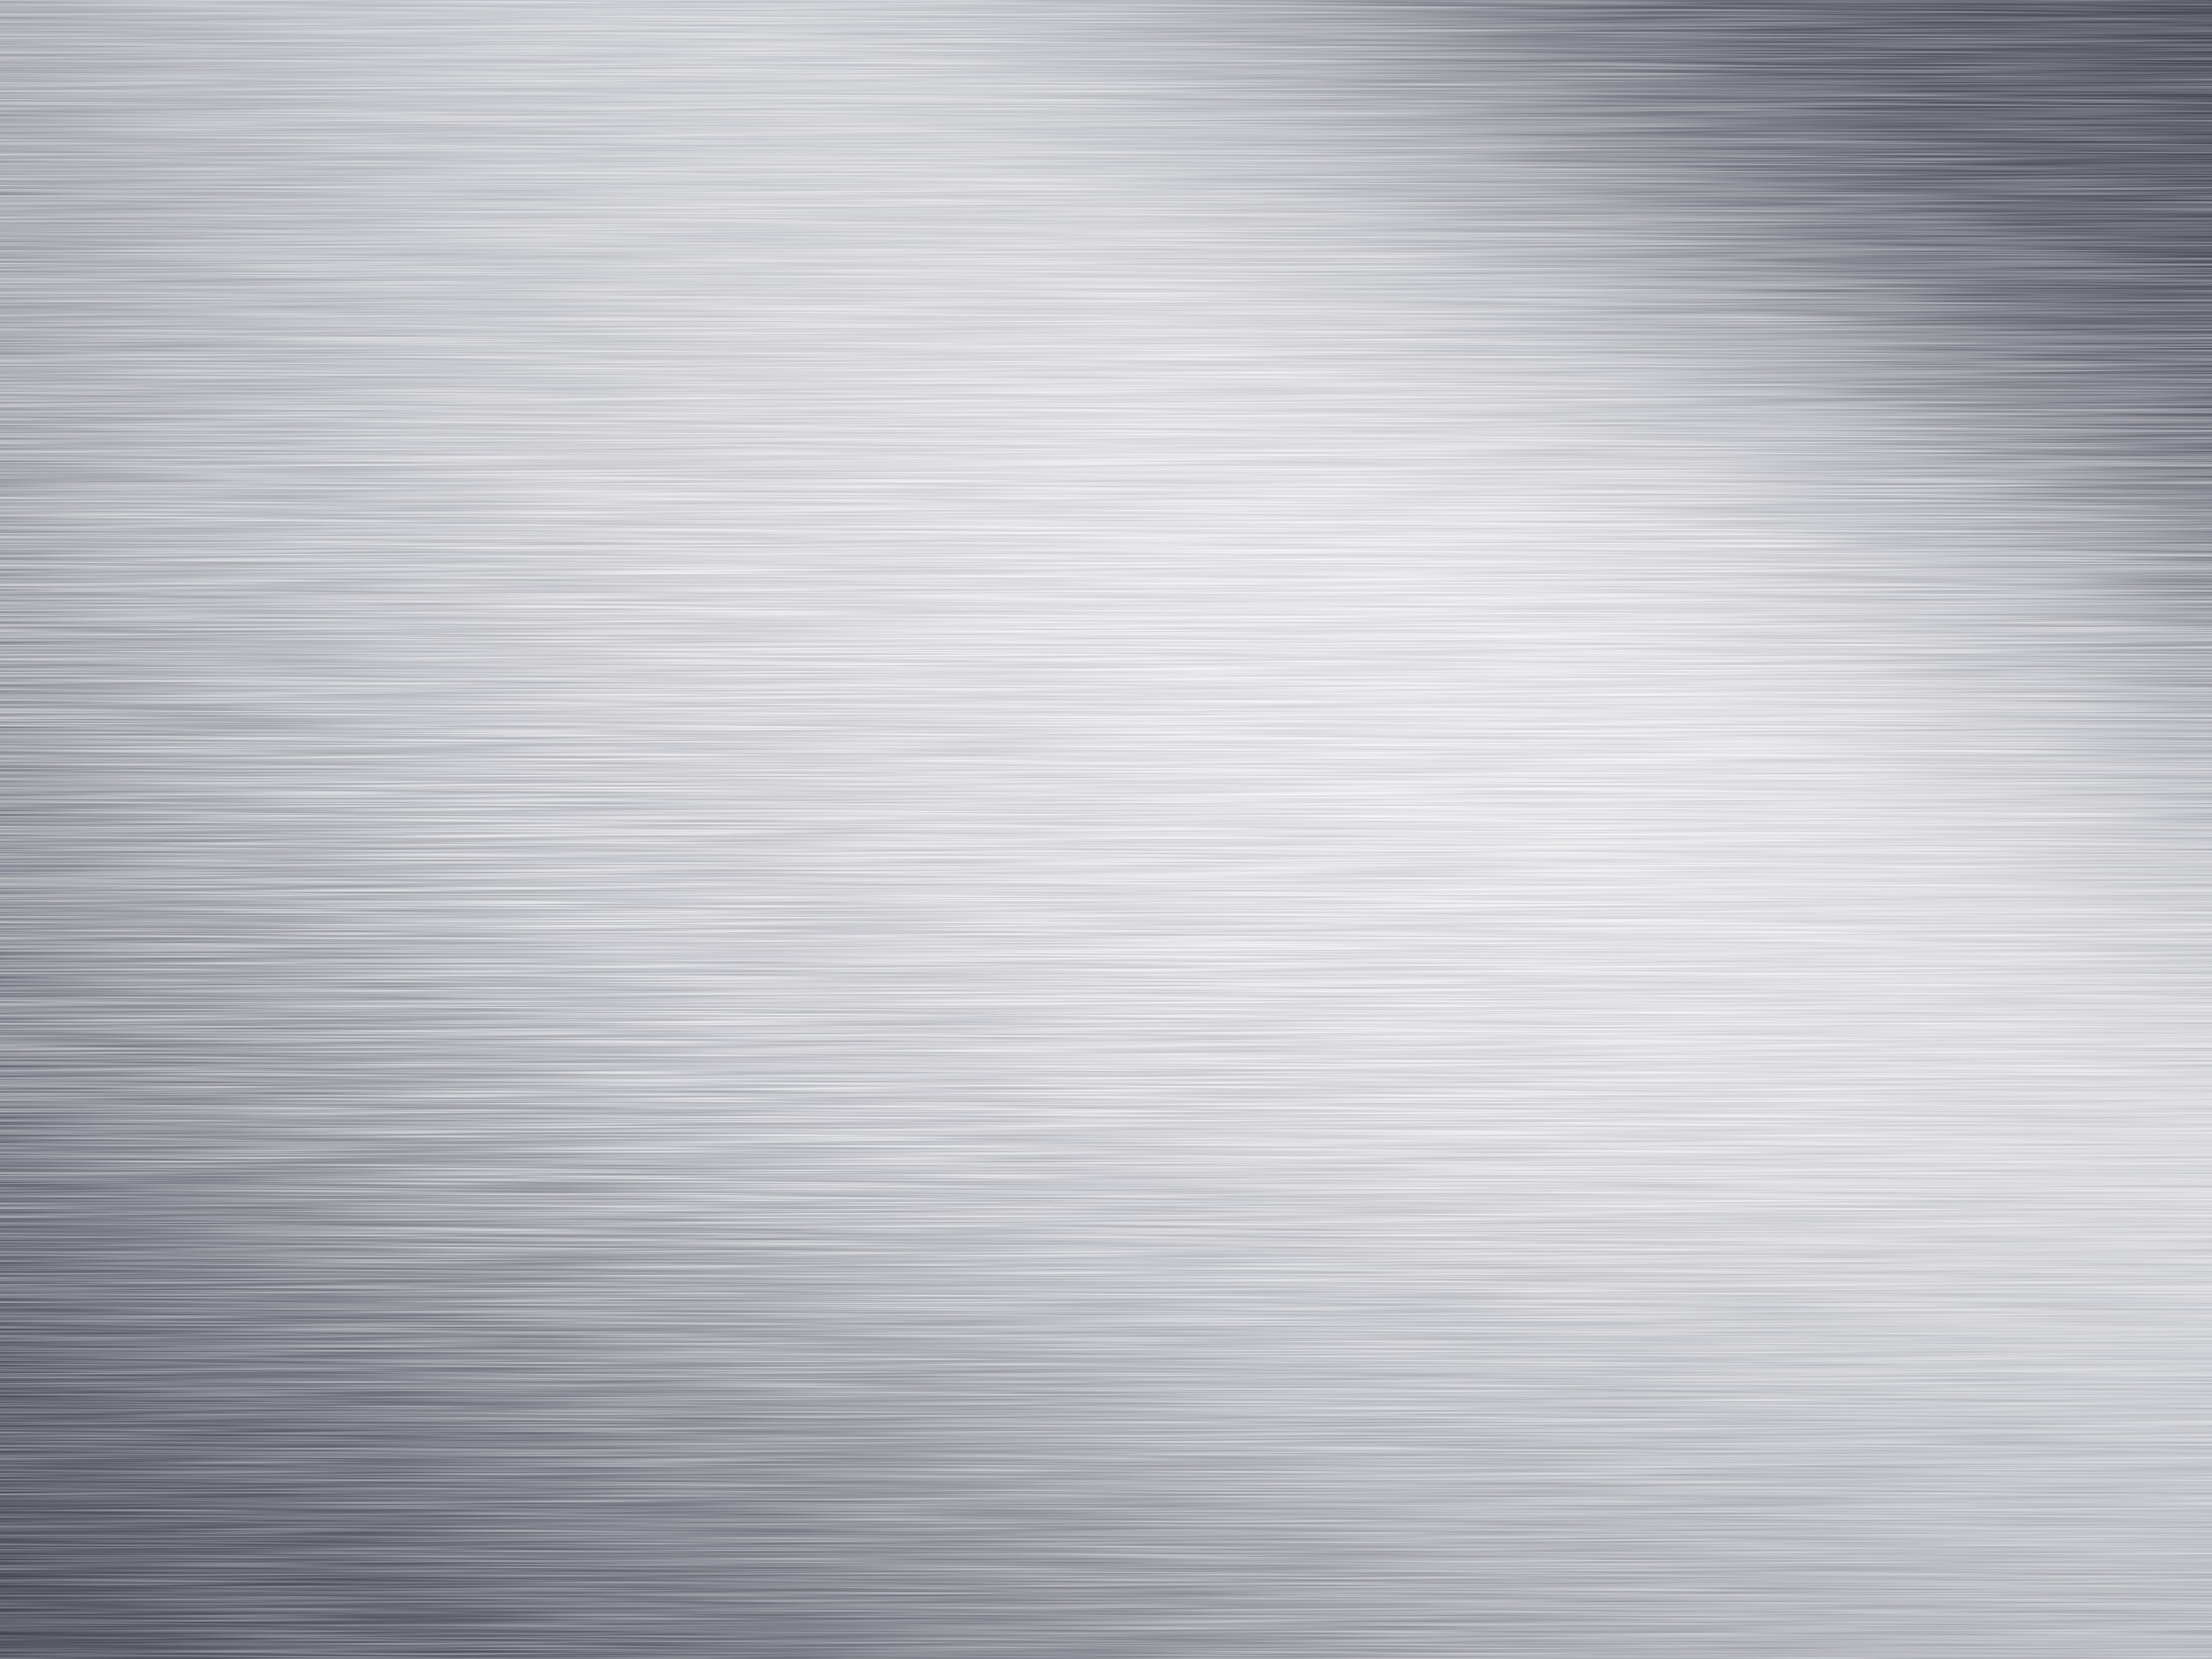 металлический цвет загрузить